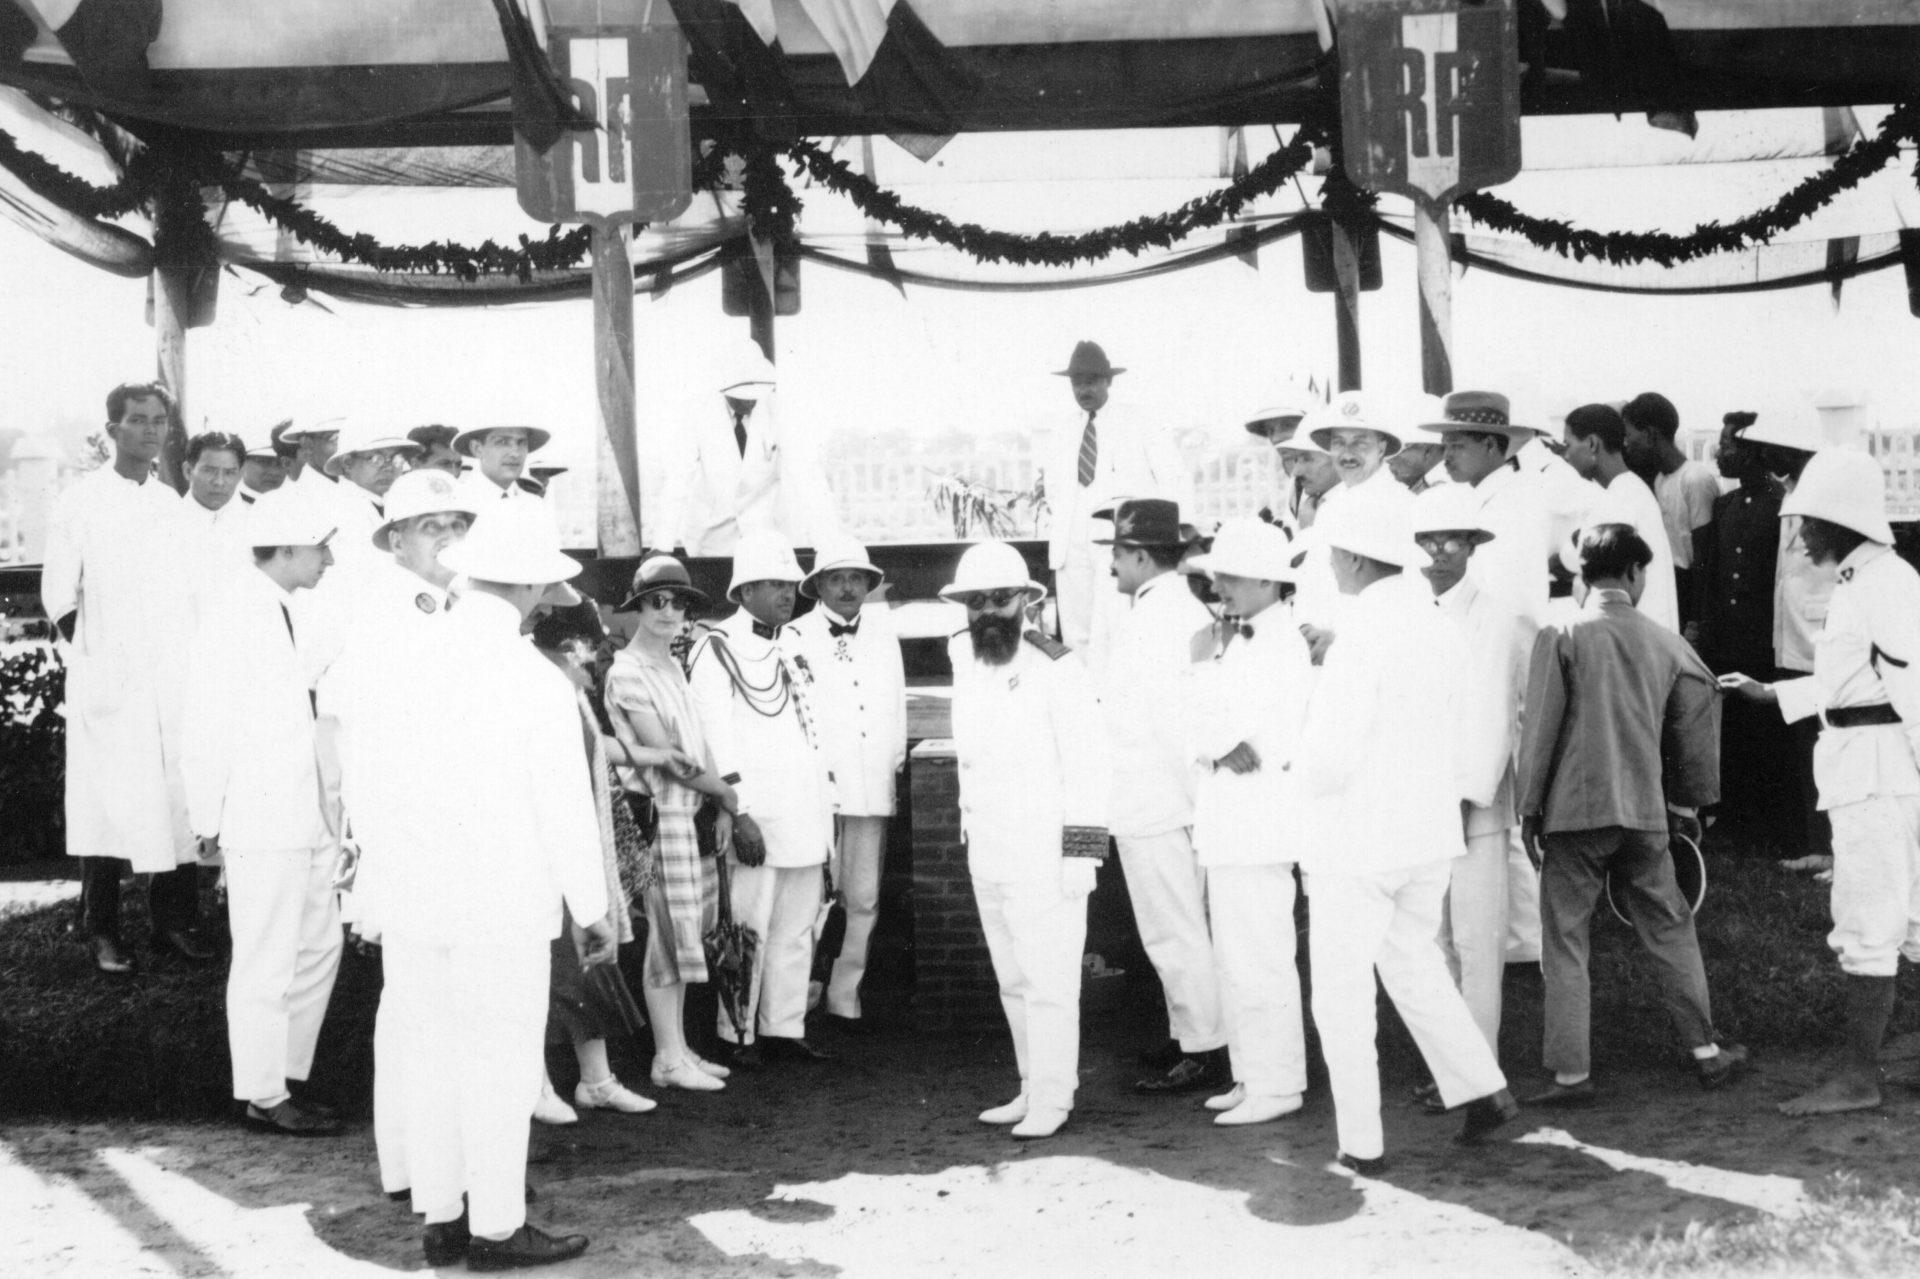 Pnom-Penh - Pose de la première pierre de l'hôpital - 24 Novembre 1925